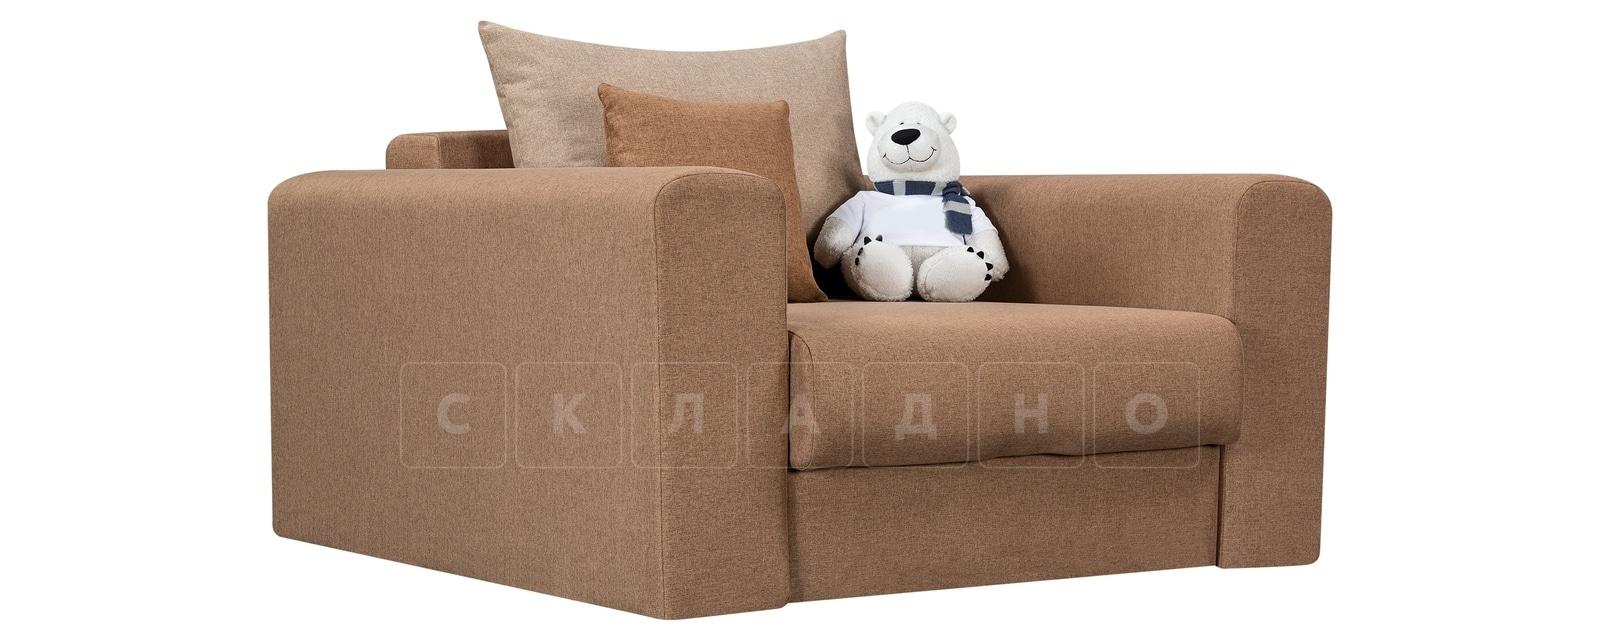 Кресло Медисон 80см коричневого цвета фото 1 | интернет-магазин Складно